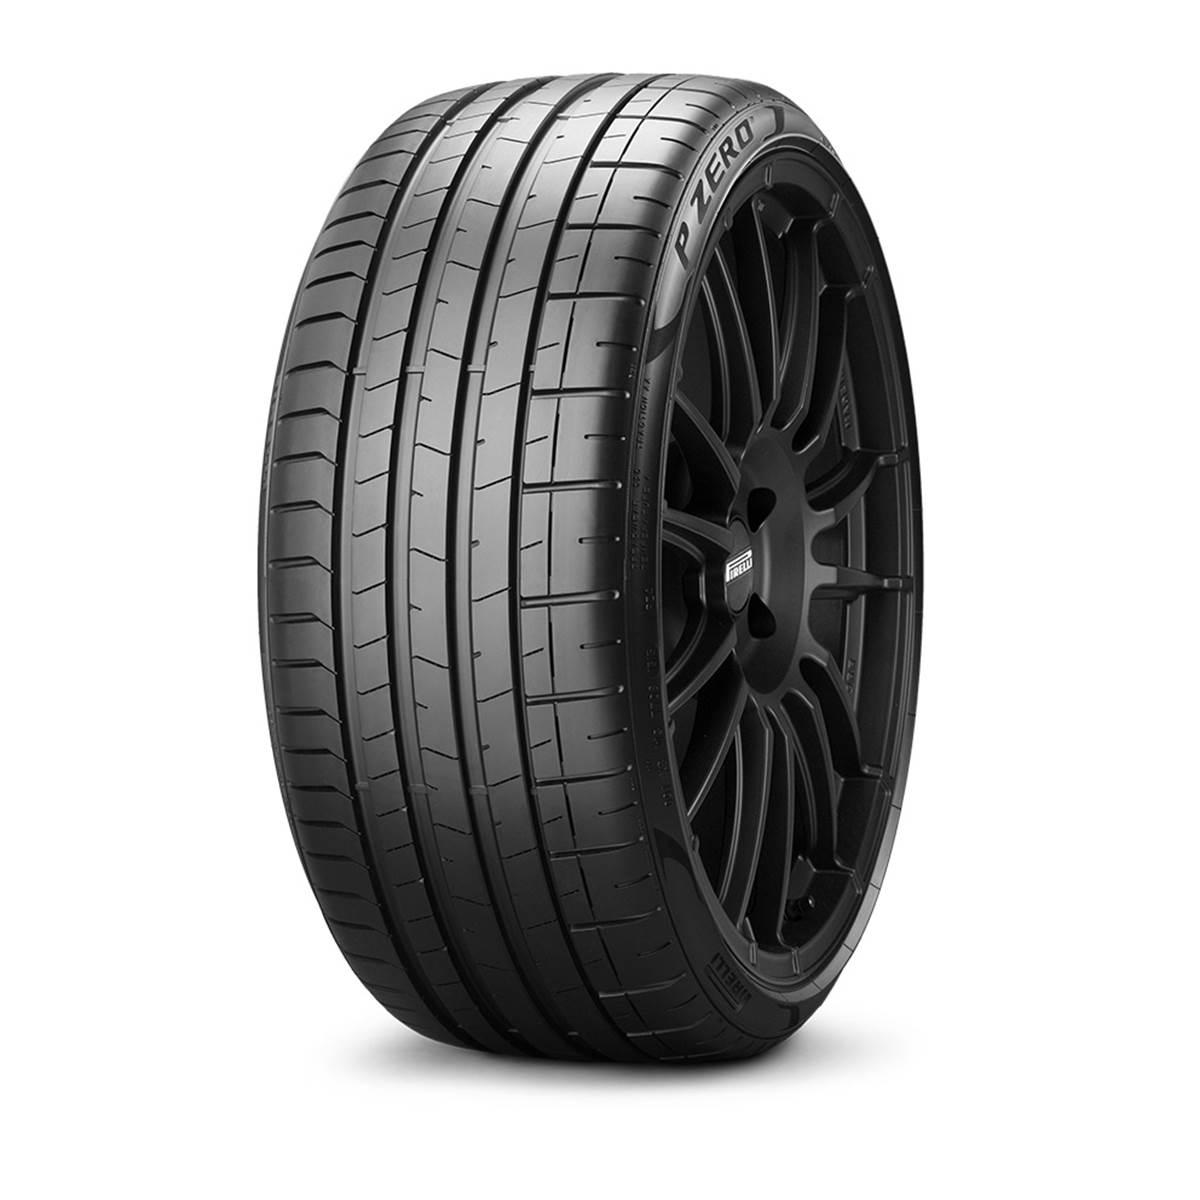 Pneu 4X4 Pirelli 325/30R21 108Y Pzero XL